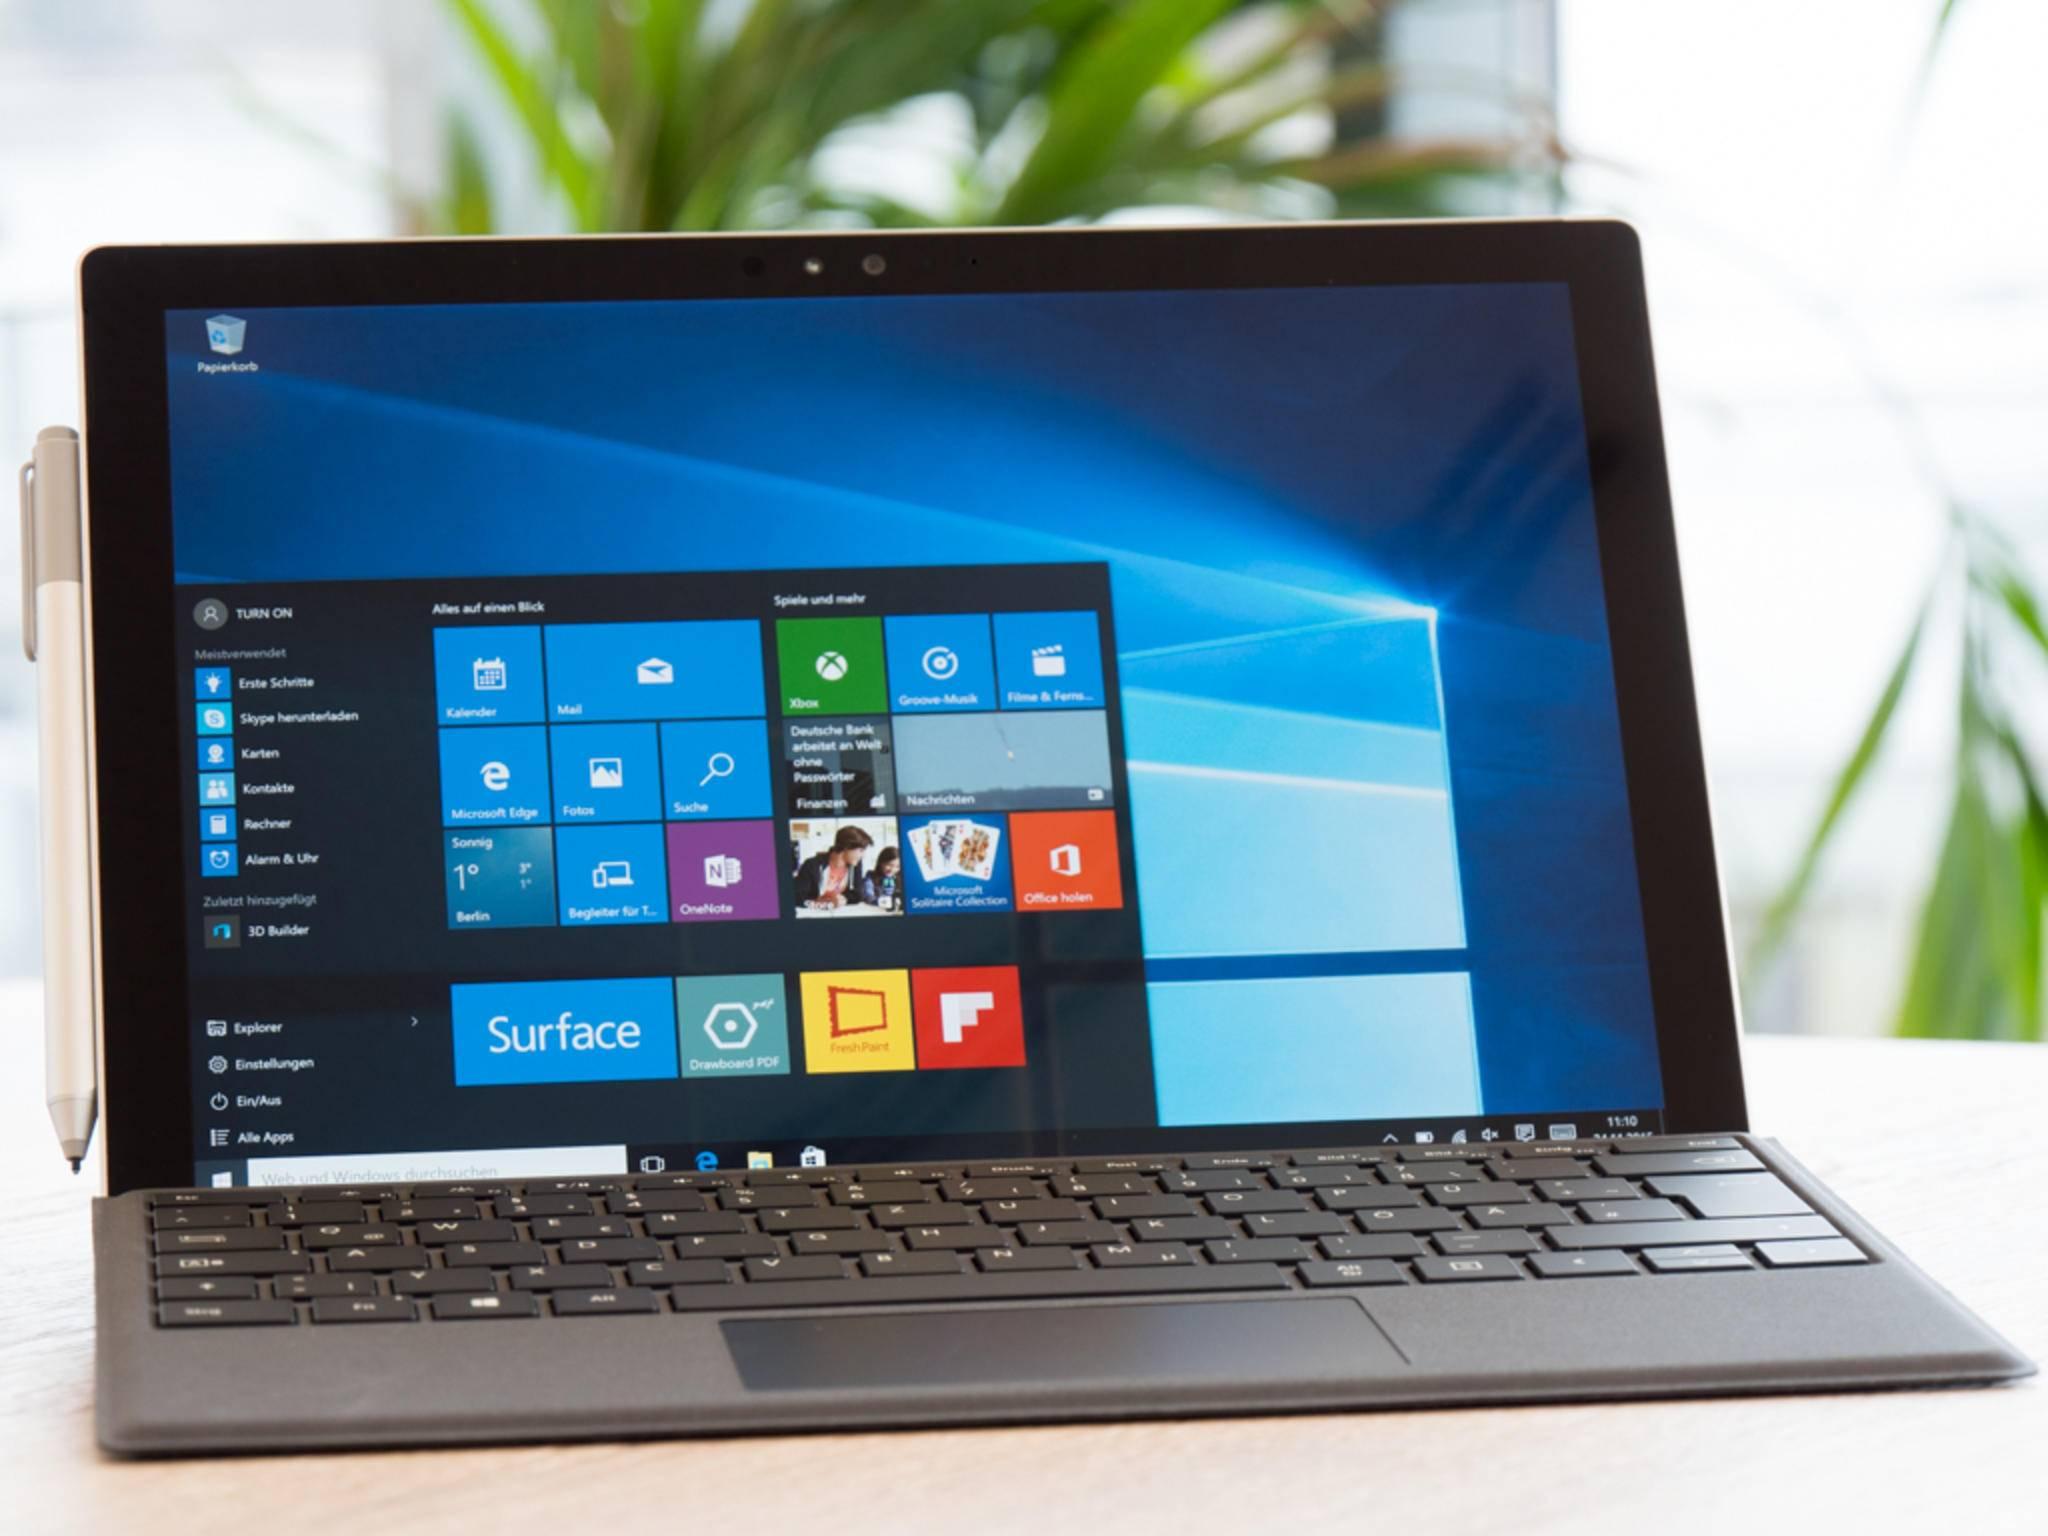 Windows 10 soll bereits auf mehr als 200 Millionen PCs laufen.